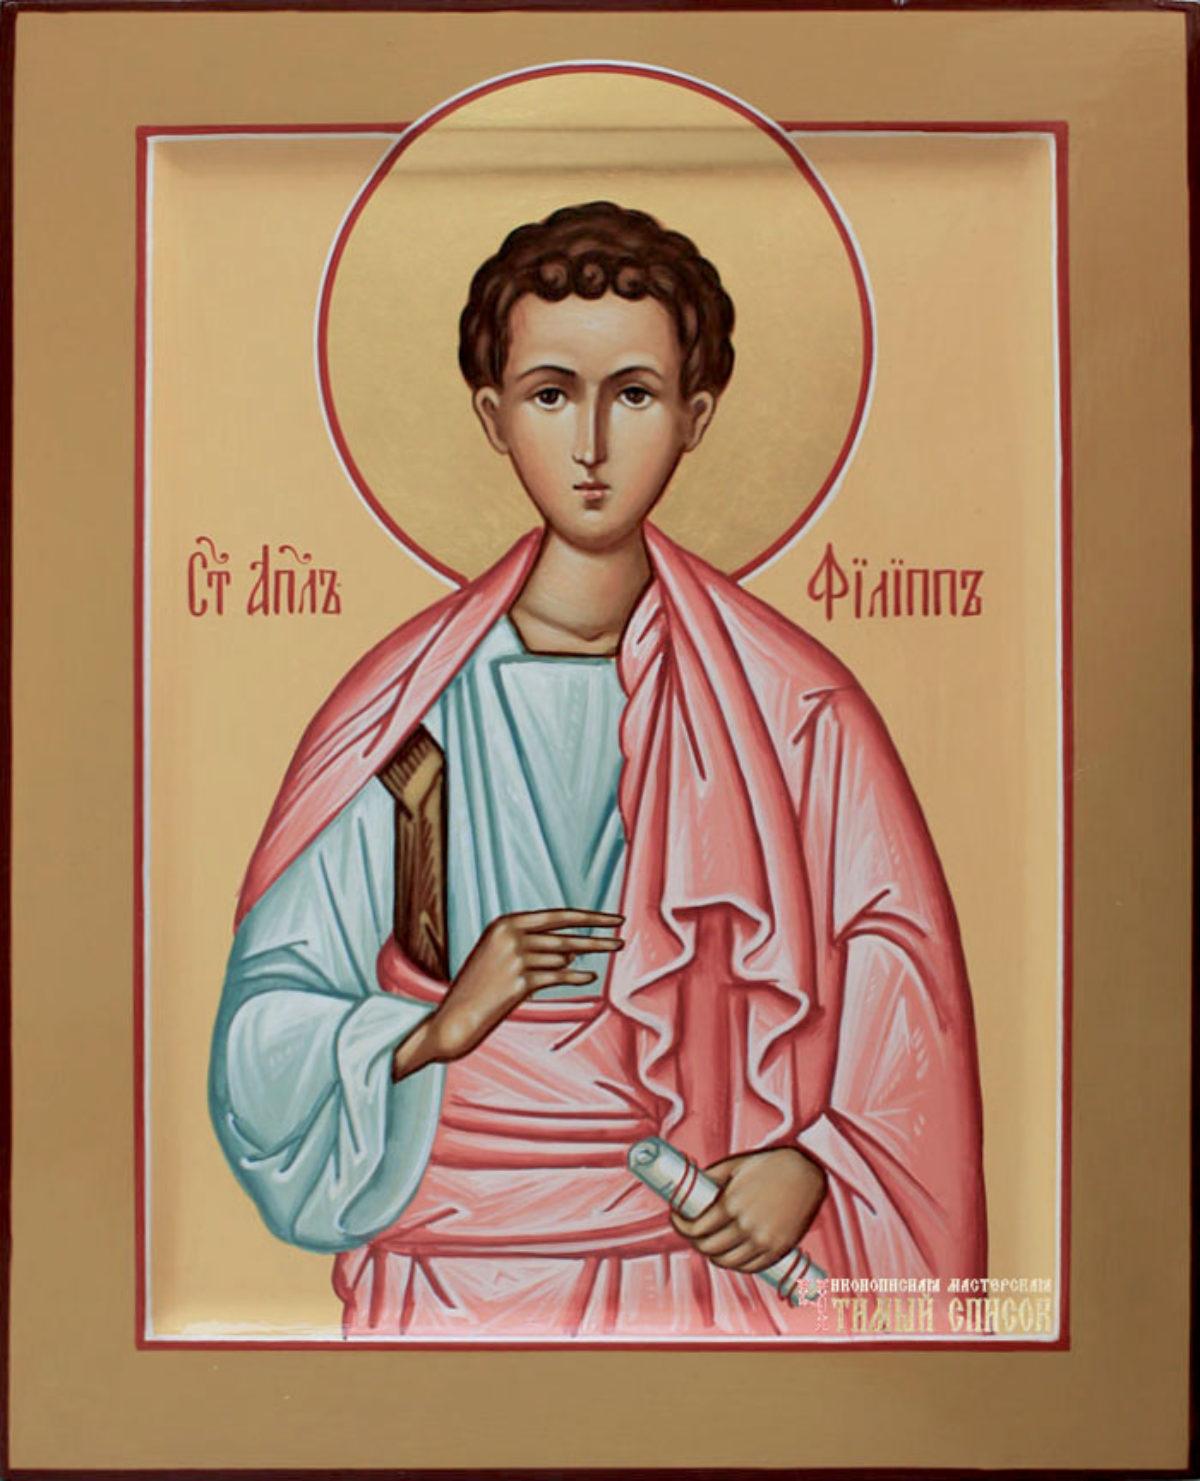 День памяти святого апостола Филиппа